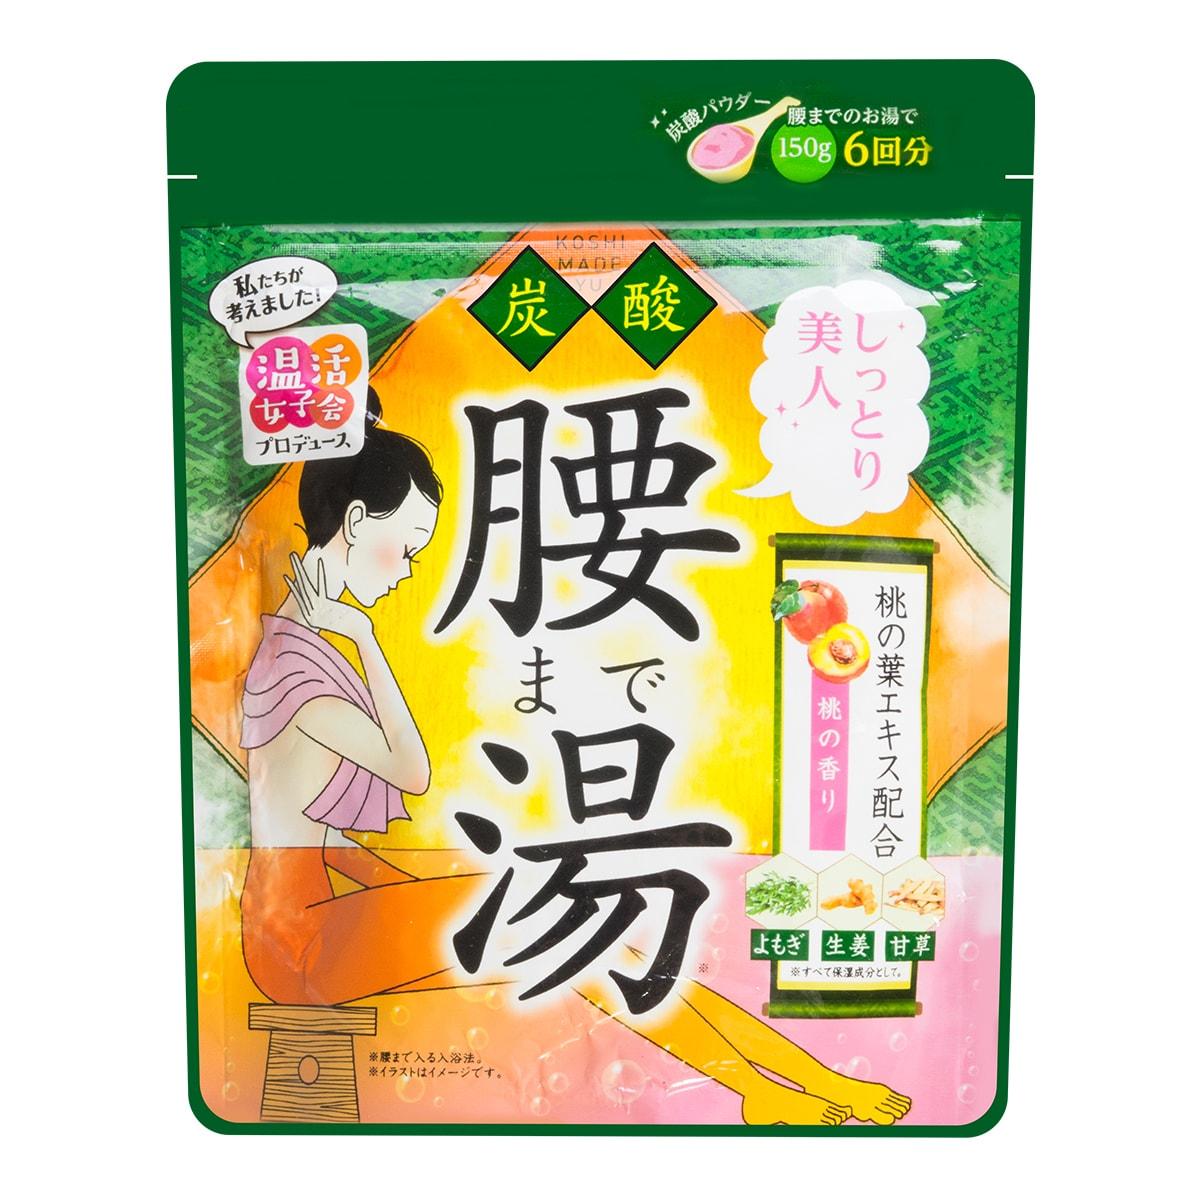 日本GRAPHICO 温活女子会 碳酸半身入浴剂 #桃子味 150g